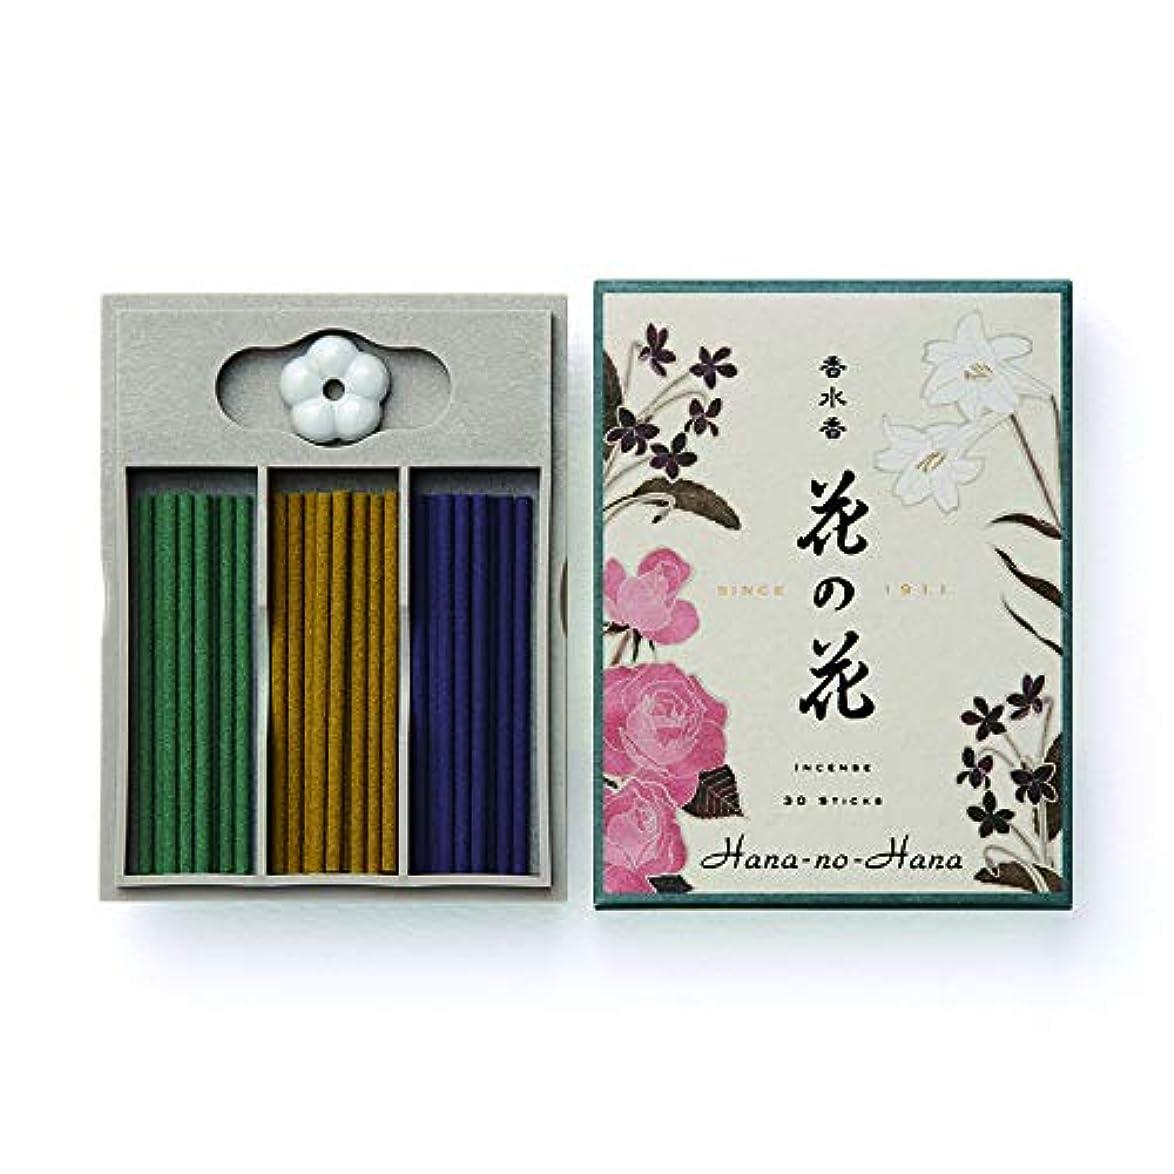 発動機正当化するトレイルお香 香水香花の花 3種入 S30本入(30001)